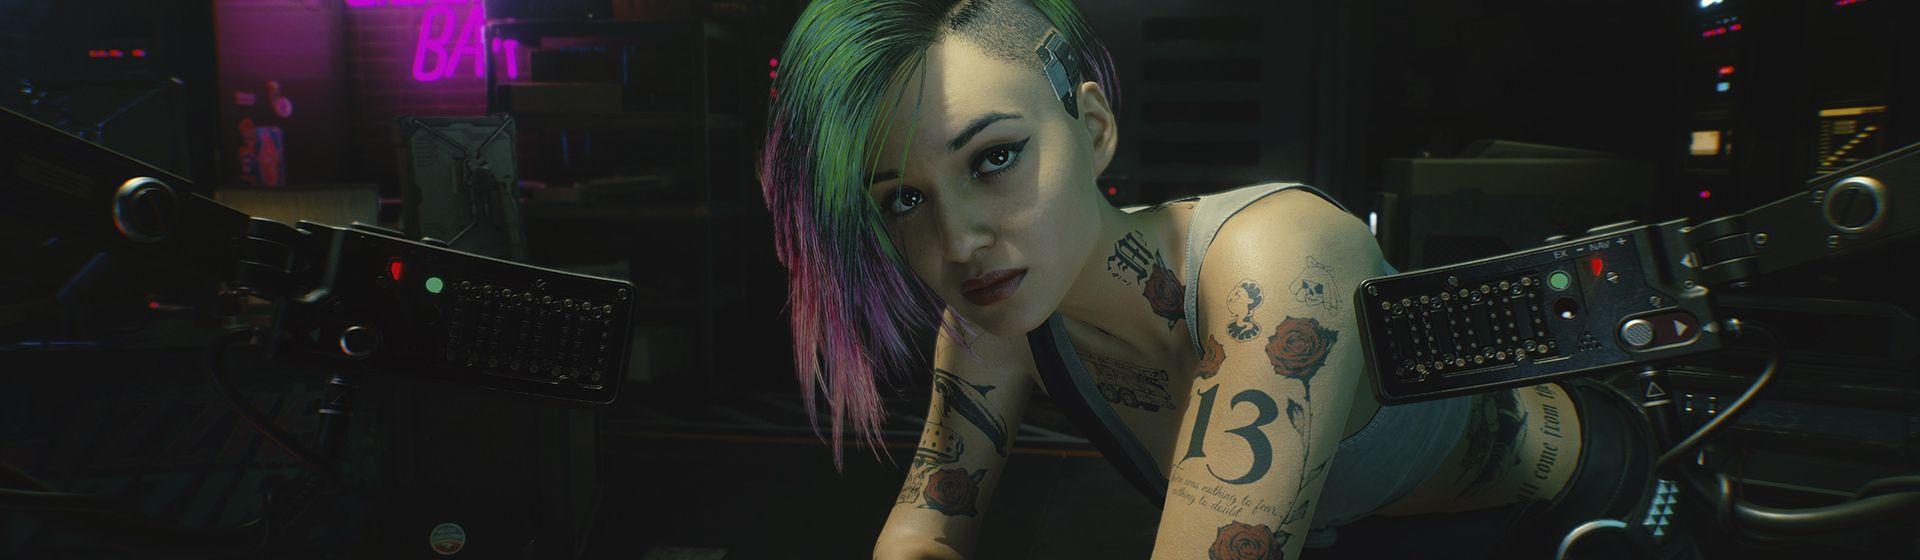 Cyberpunk 2077: assista à gameplay inédita no PS5 e PS4 Pro